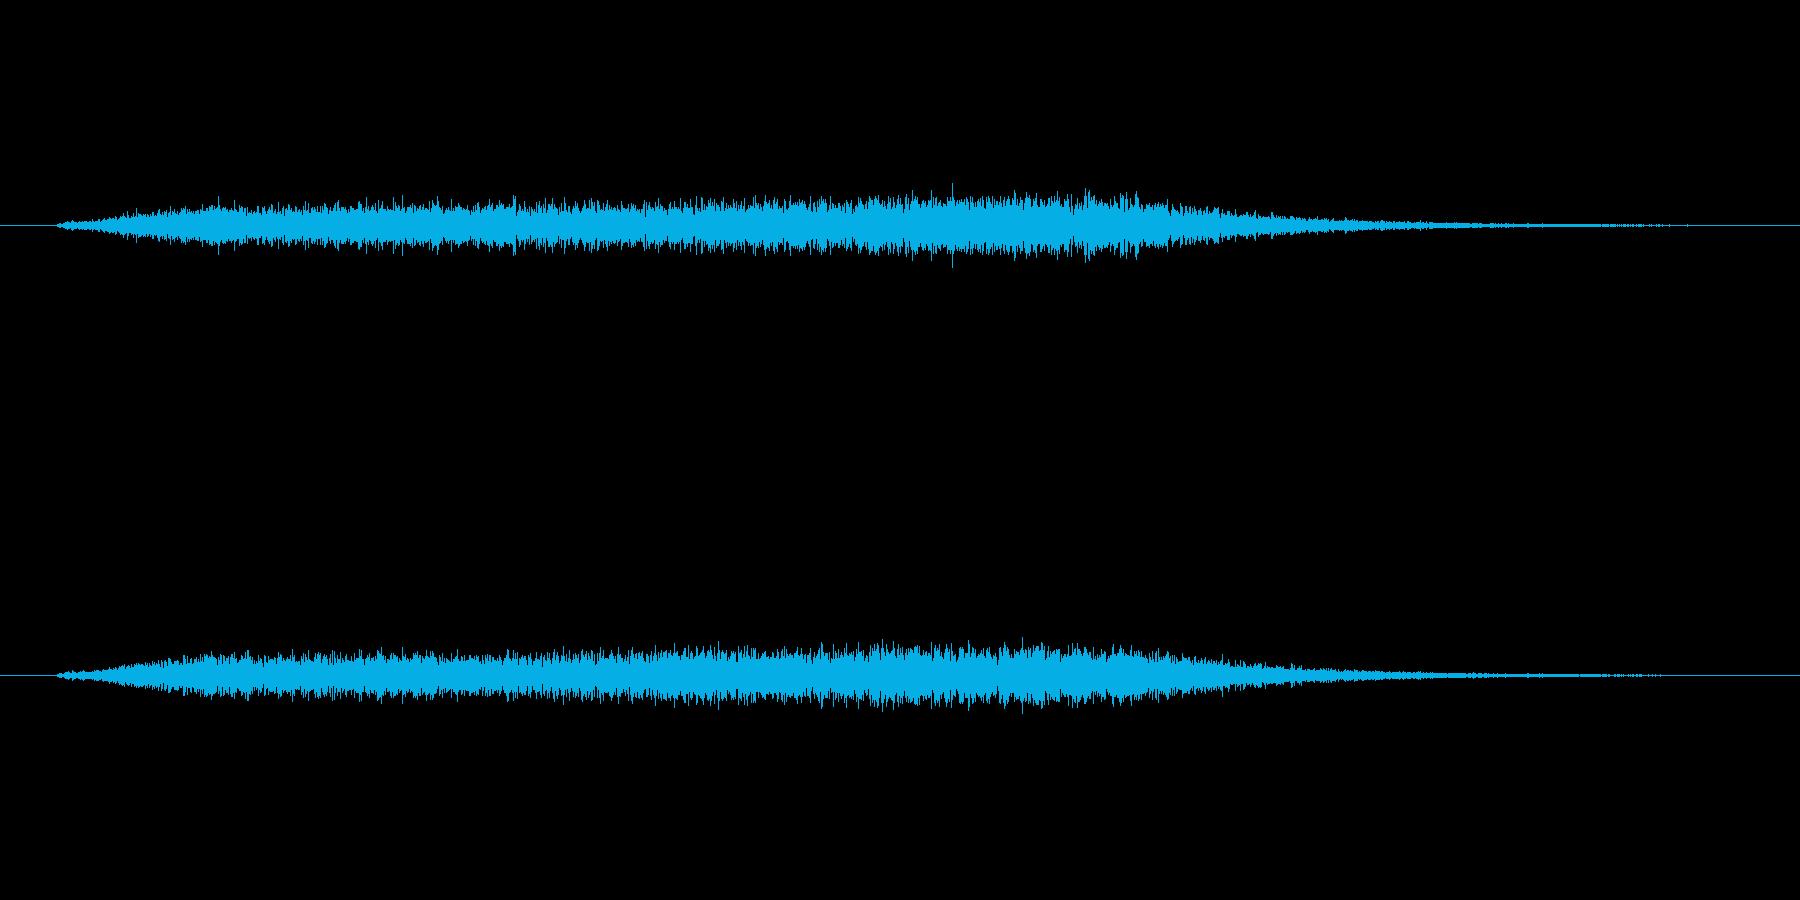 高めのほわーんとしたノイズです。の再生済みの波形